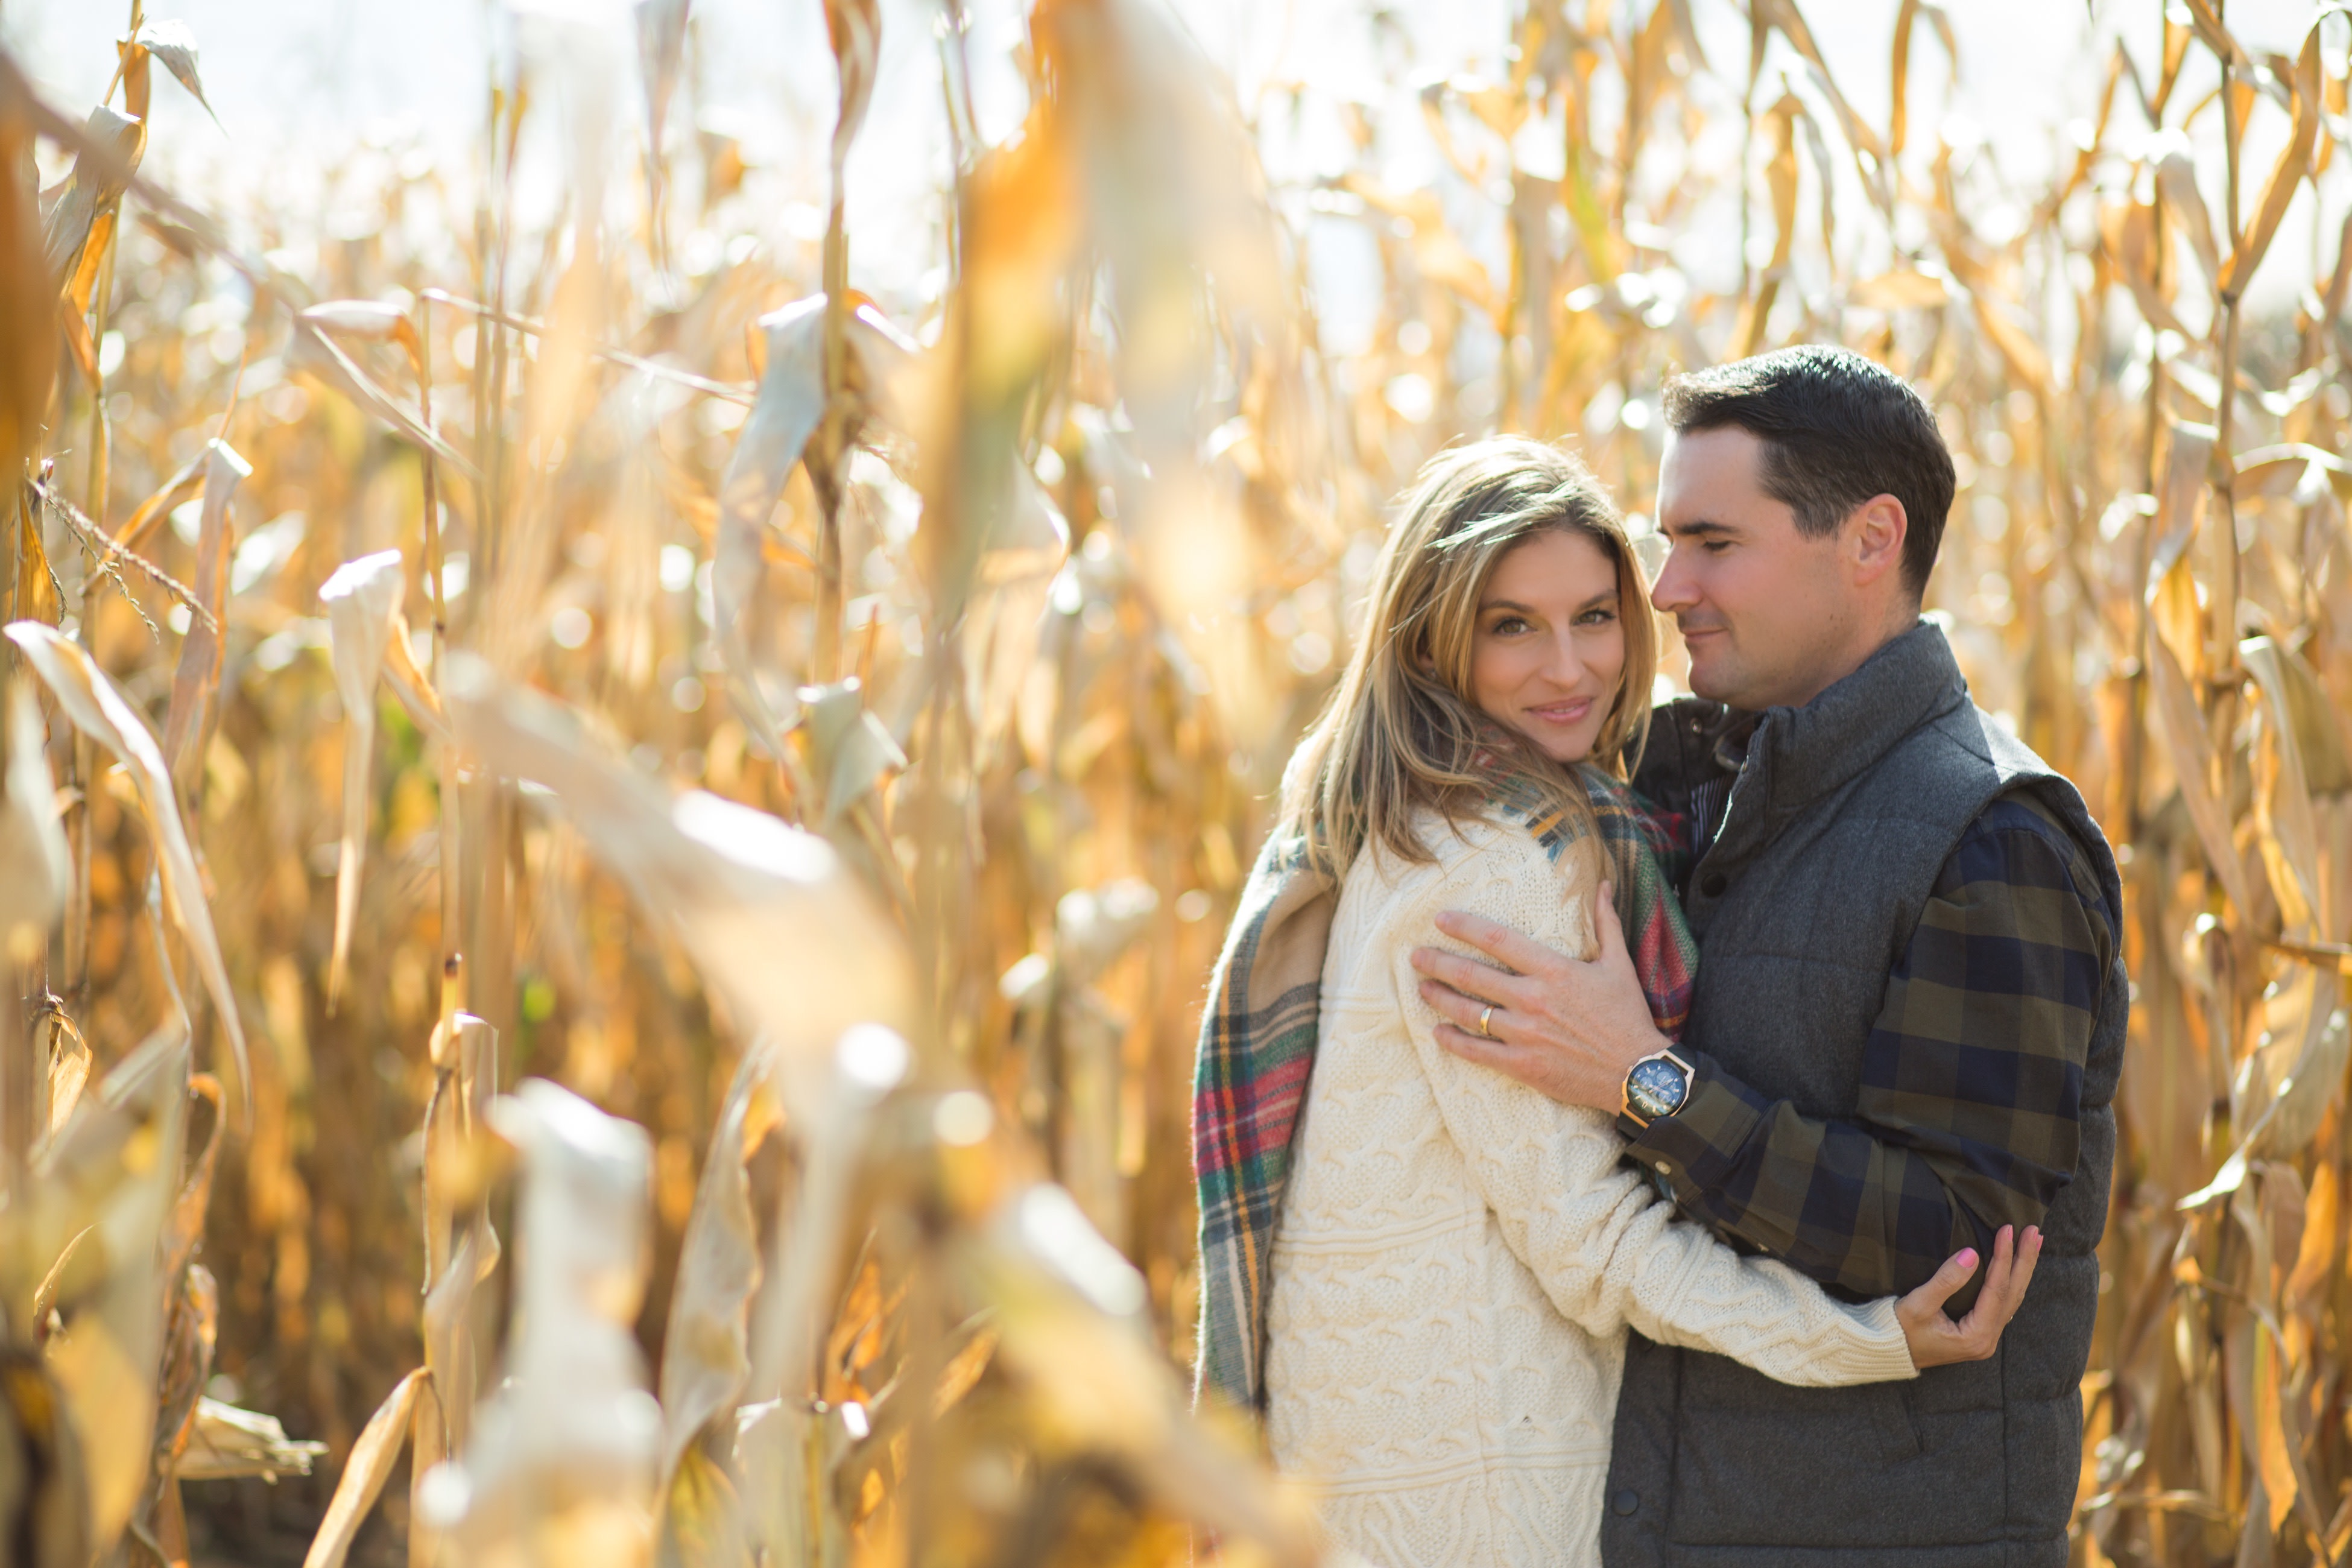 Fall photos in a corn maze